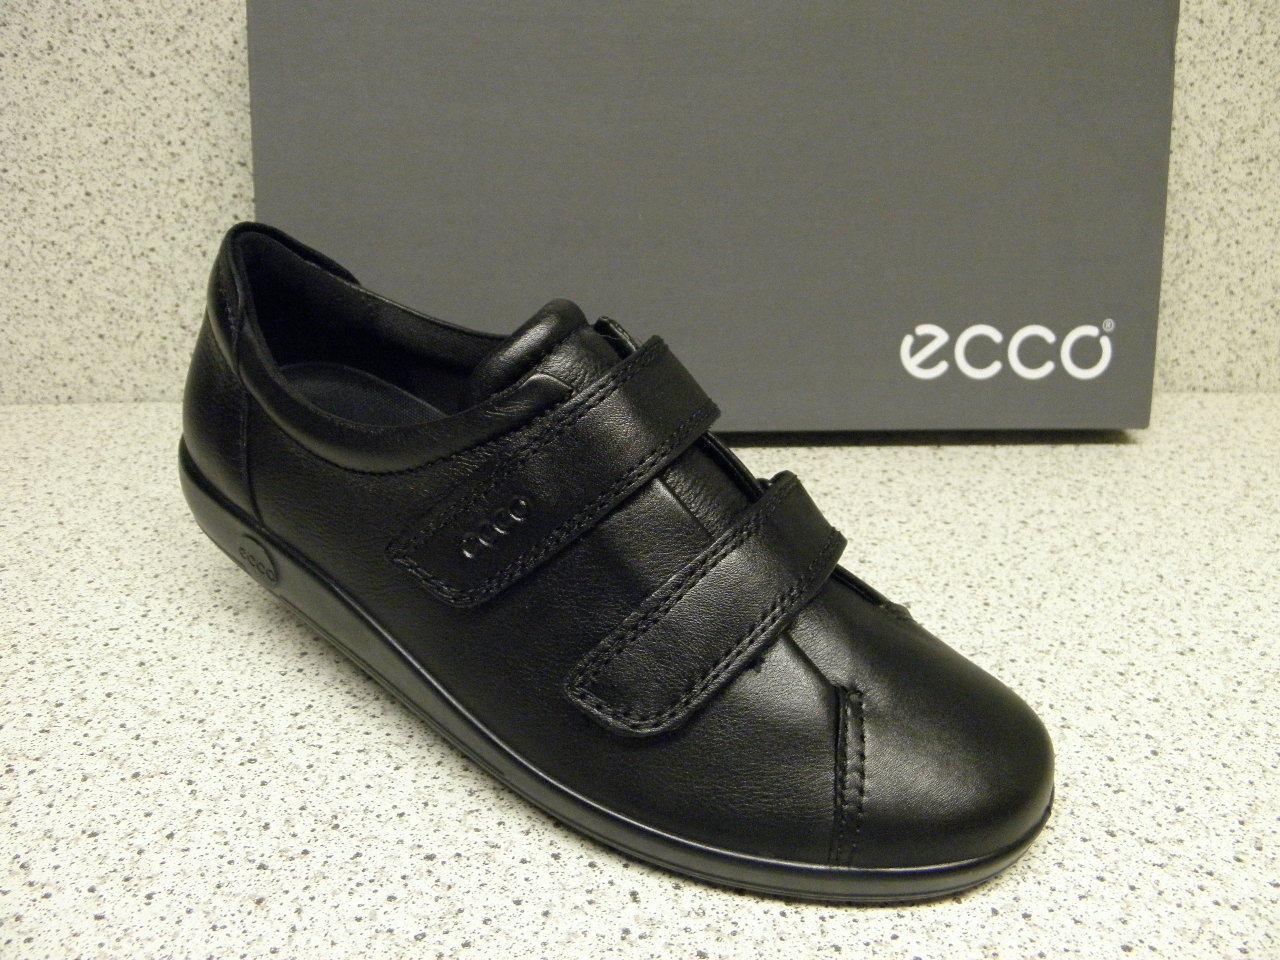 Ecco ® riduce finora  84,95 NERO VELCRO + GRATIS Premium-CALZE (e85) | Pregevole fattura  | Uomini/Donna Scarpa